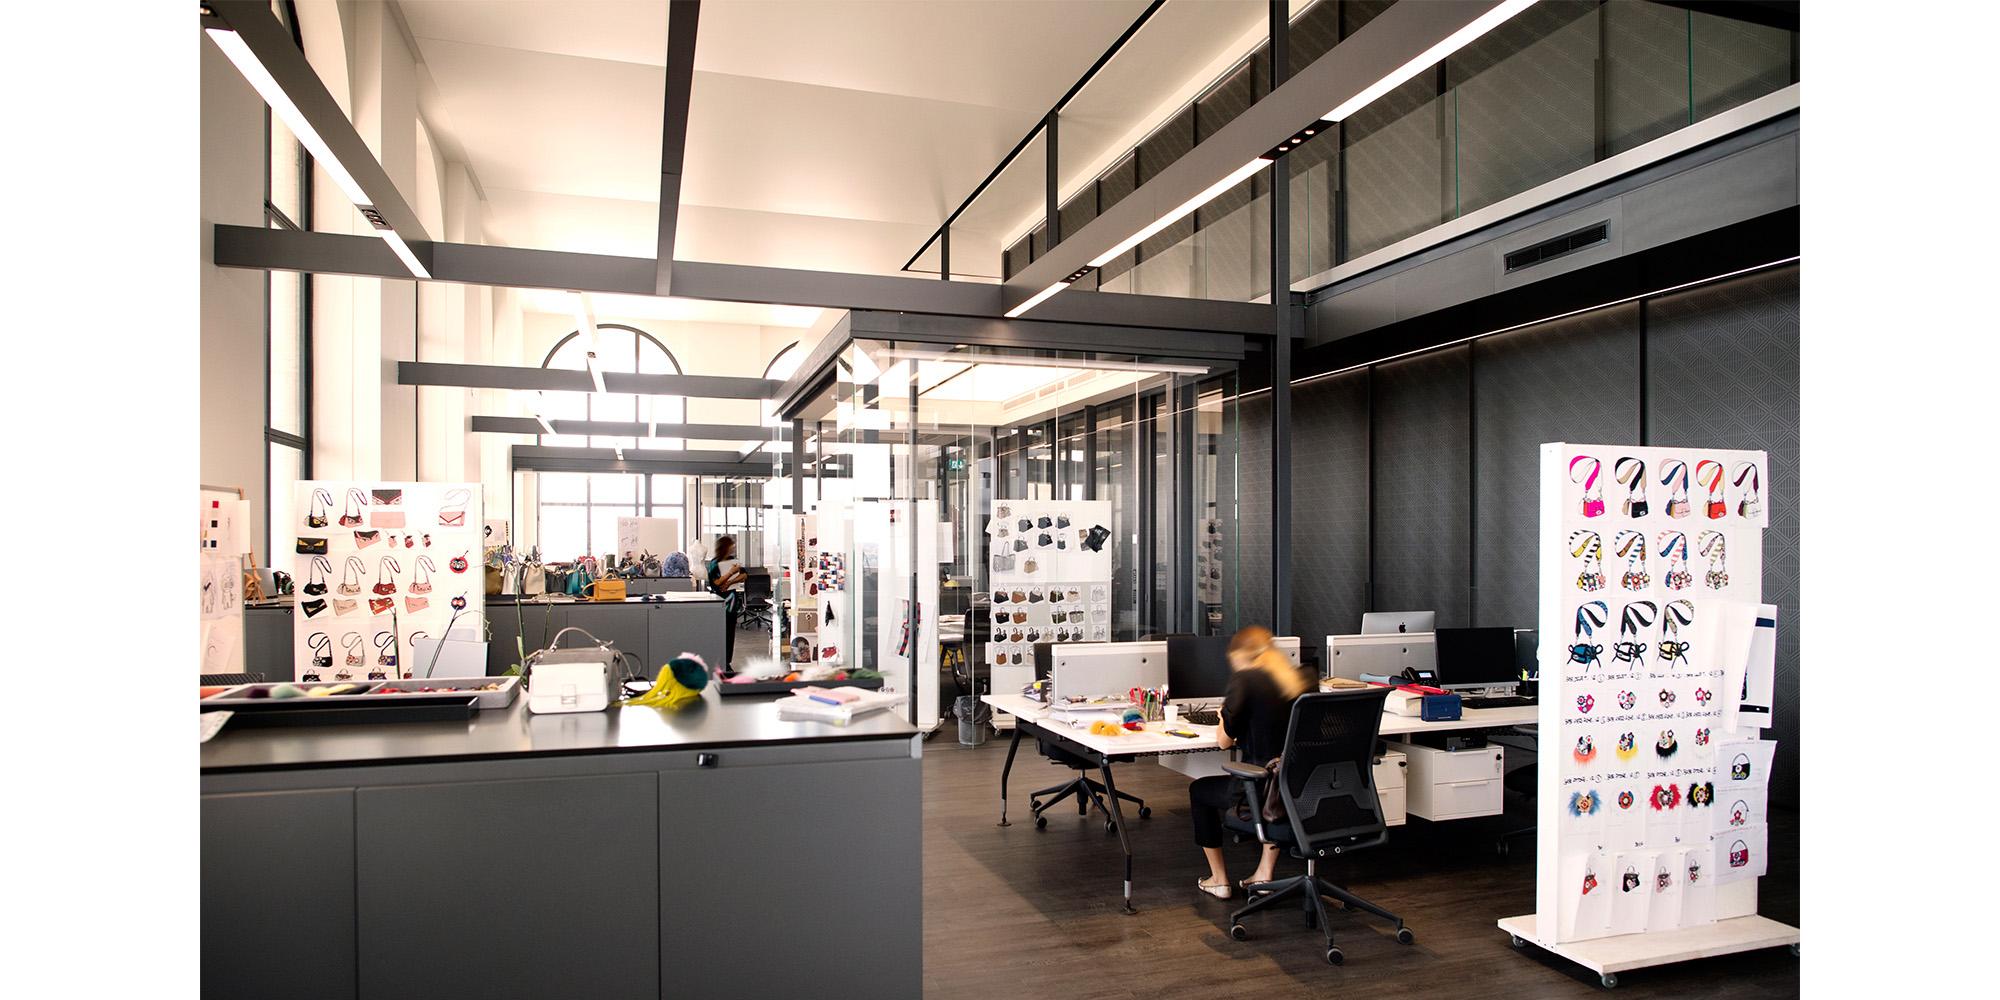 open space office by Emanuele Scorcelletti